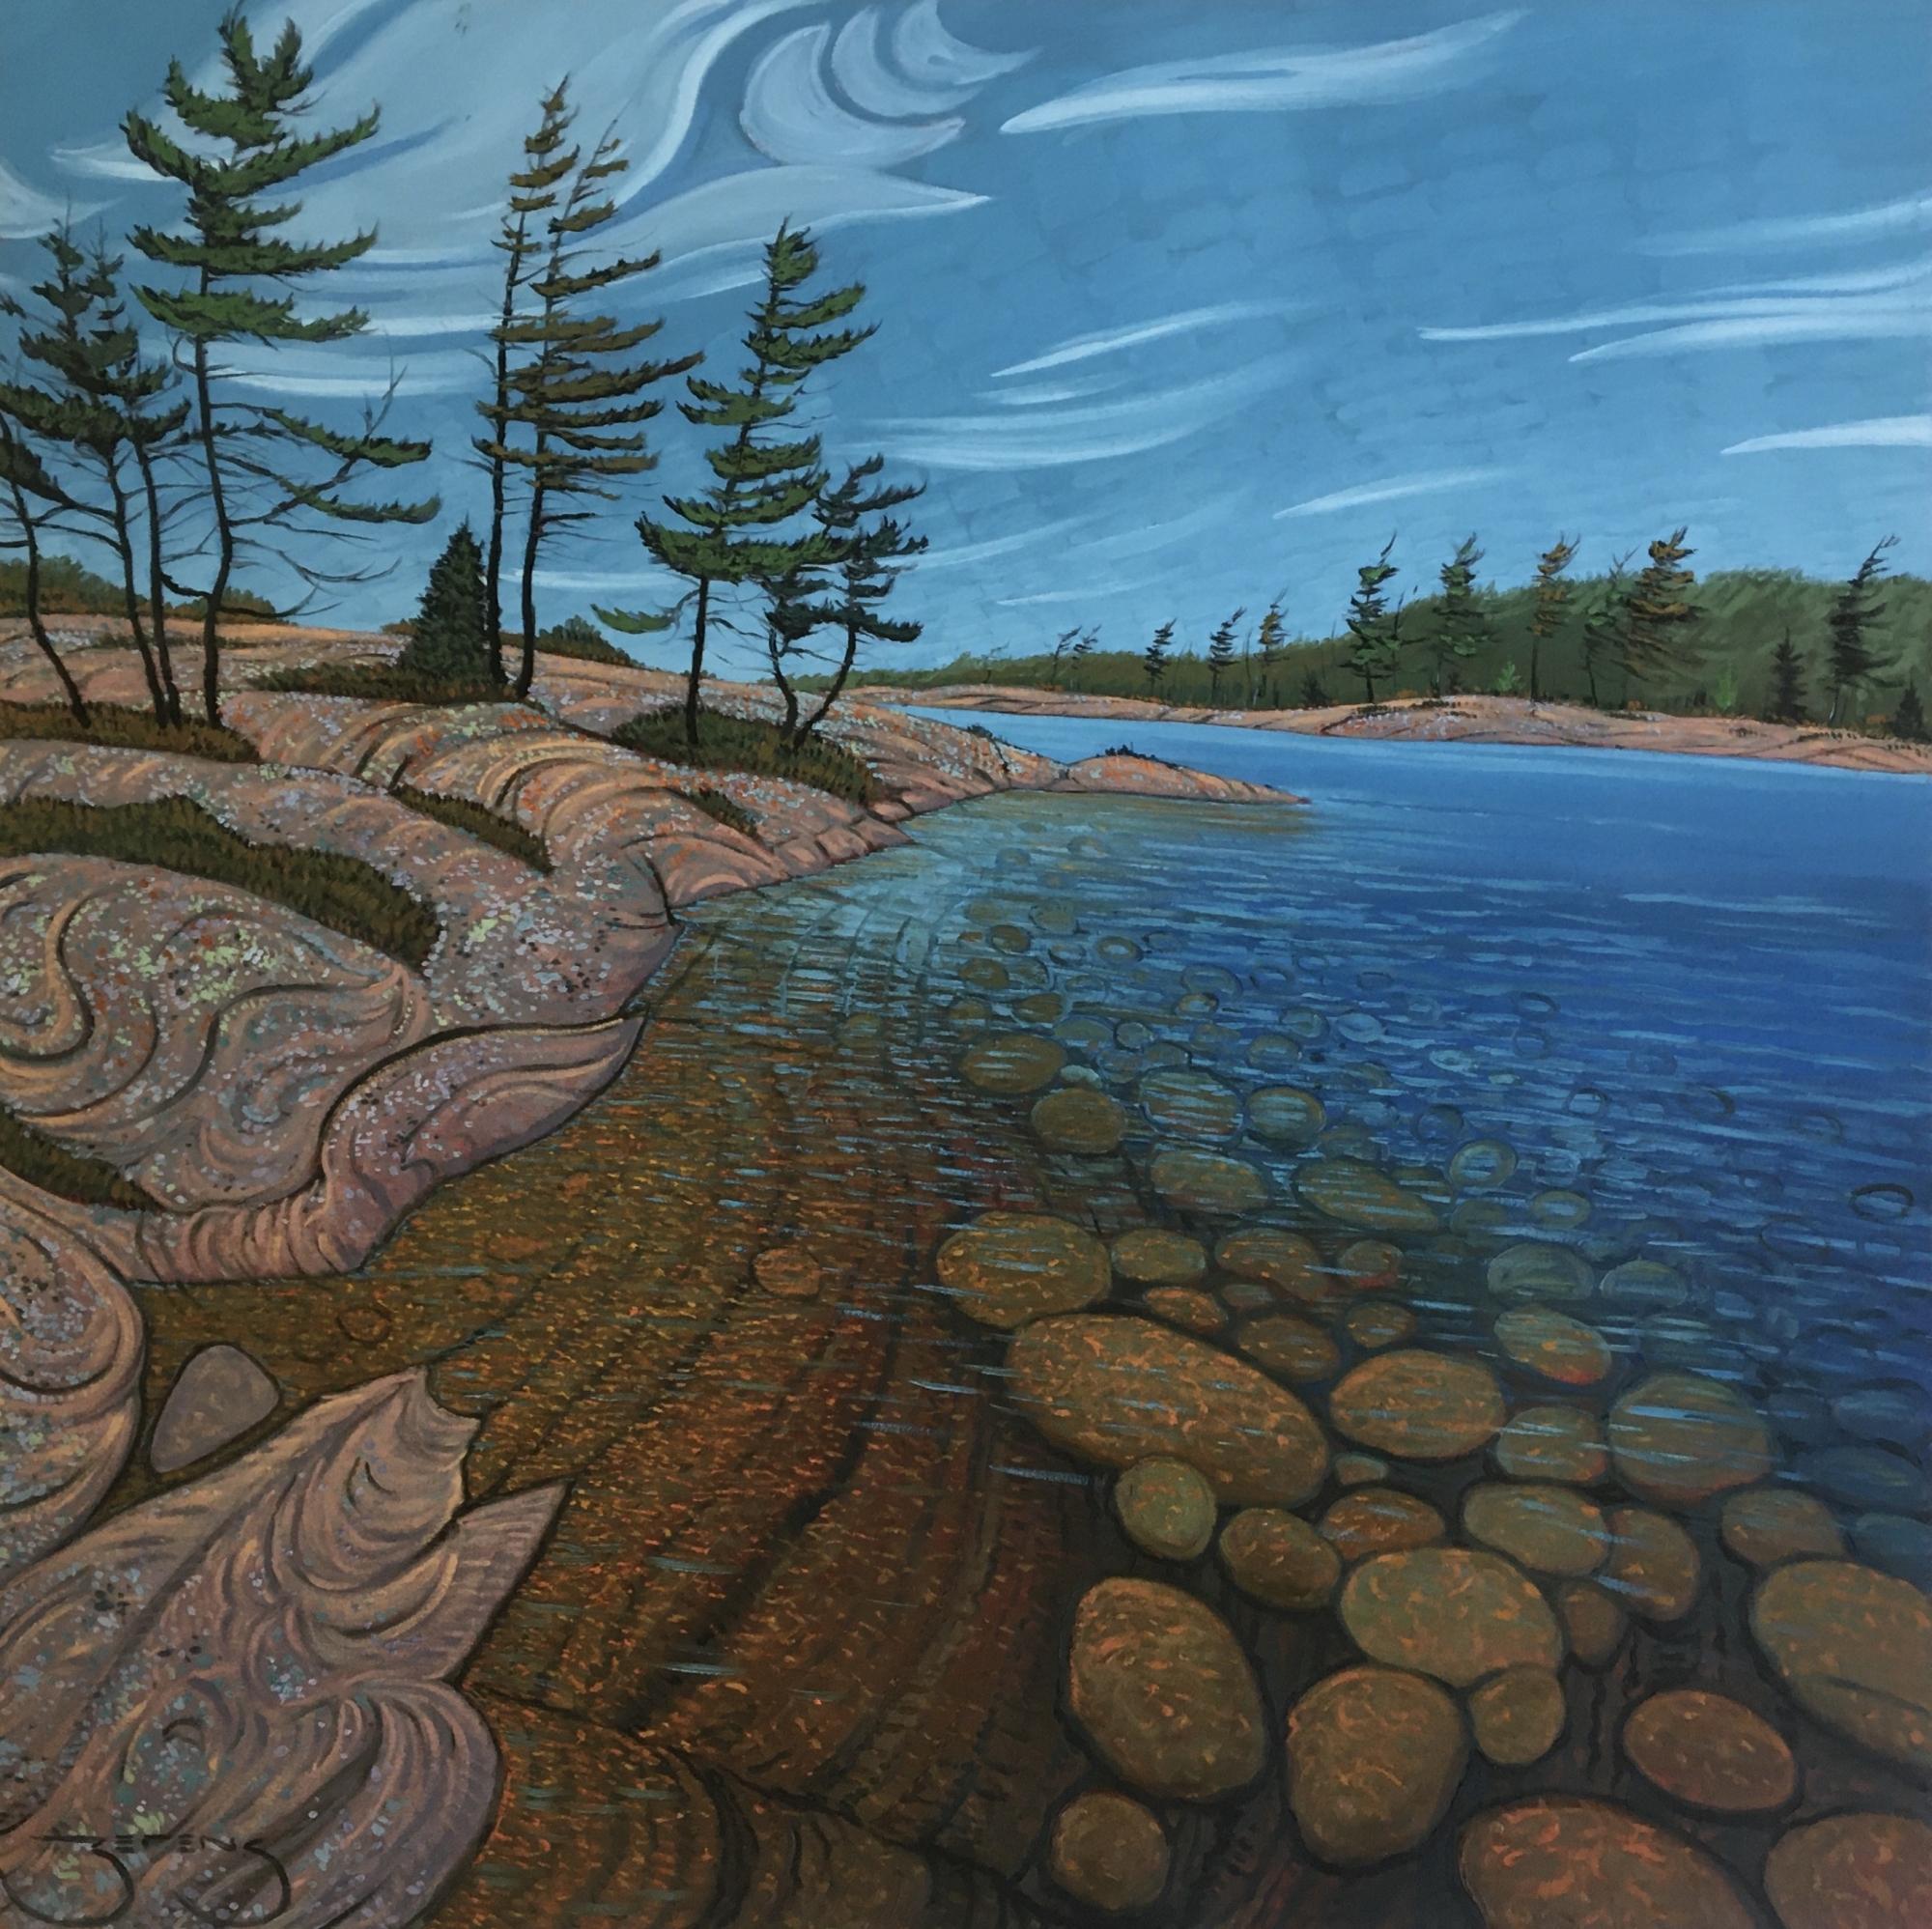 Winkler Island Pines by Mark Berens